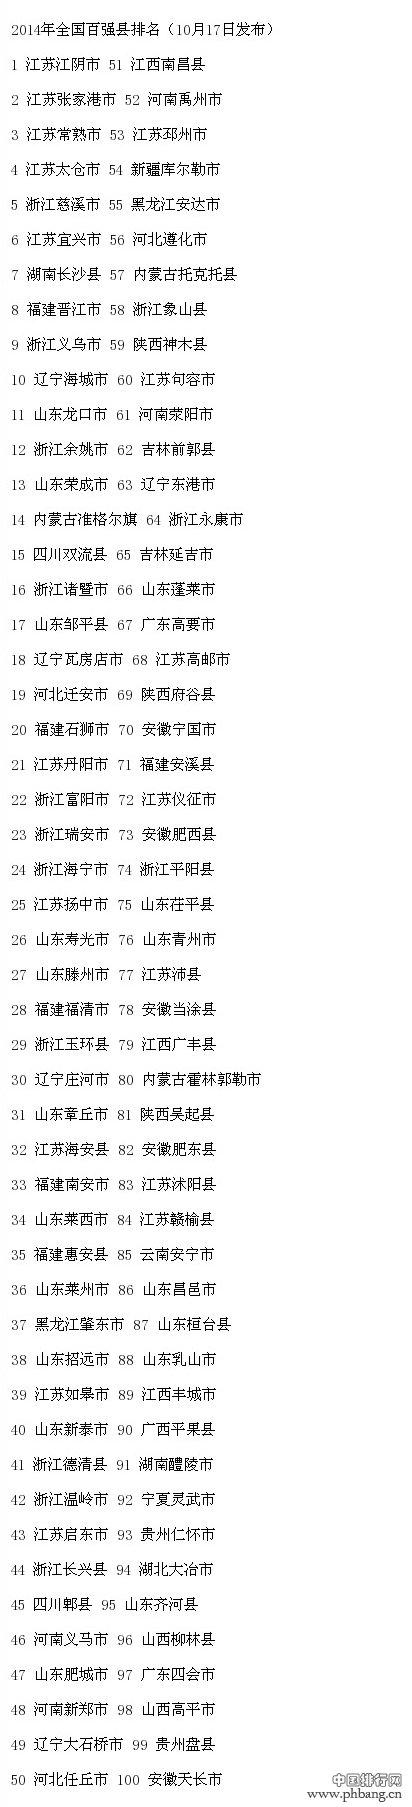 2014年中国中小城市综合实力百强县市排名